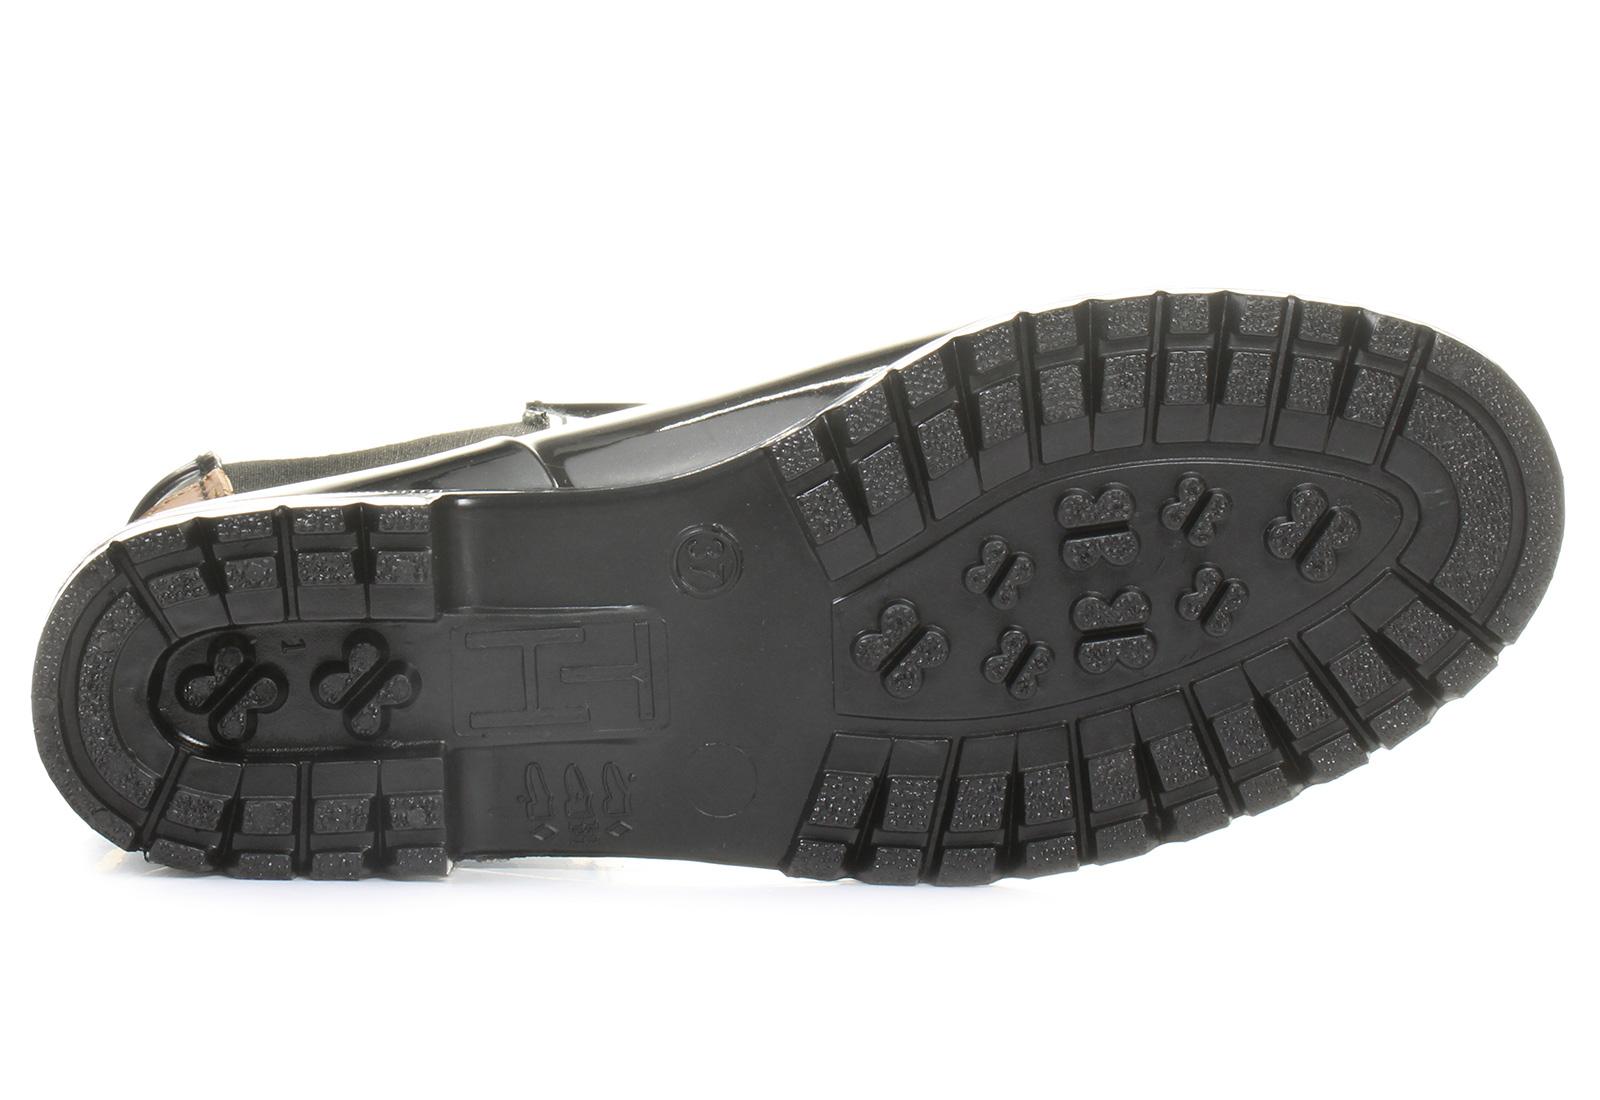 tommy hilfiger botki oxley 2z 14f 7778 990 obuwie i. Black Bedroom Furniture Sets. Home Design Ideas